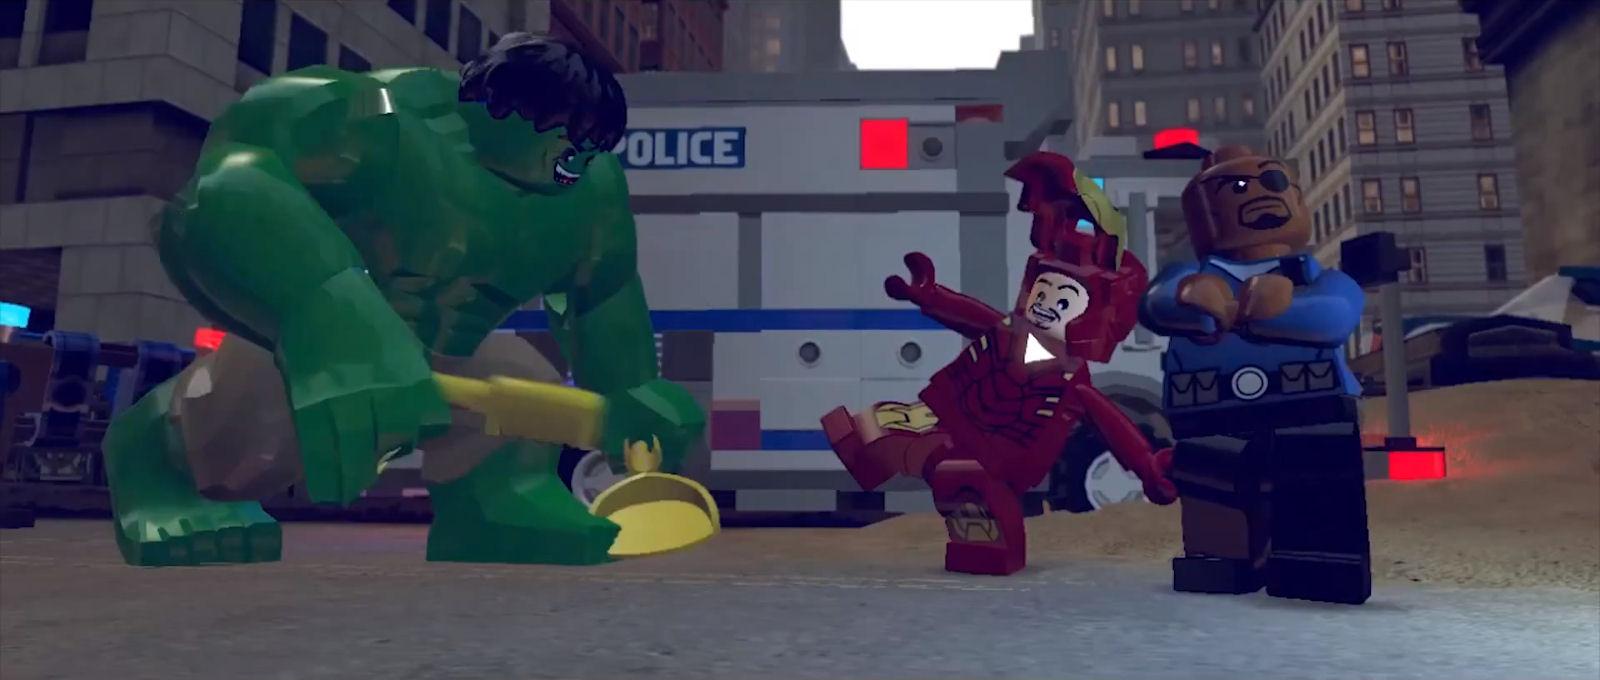 LEGO-Marvel-Gameplay-4.jpg - LEGO Marvel's Avengers